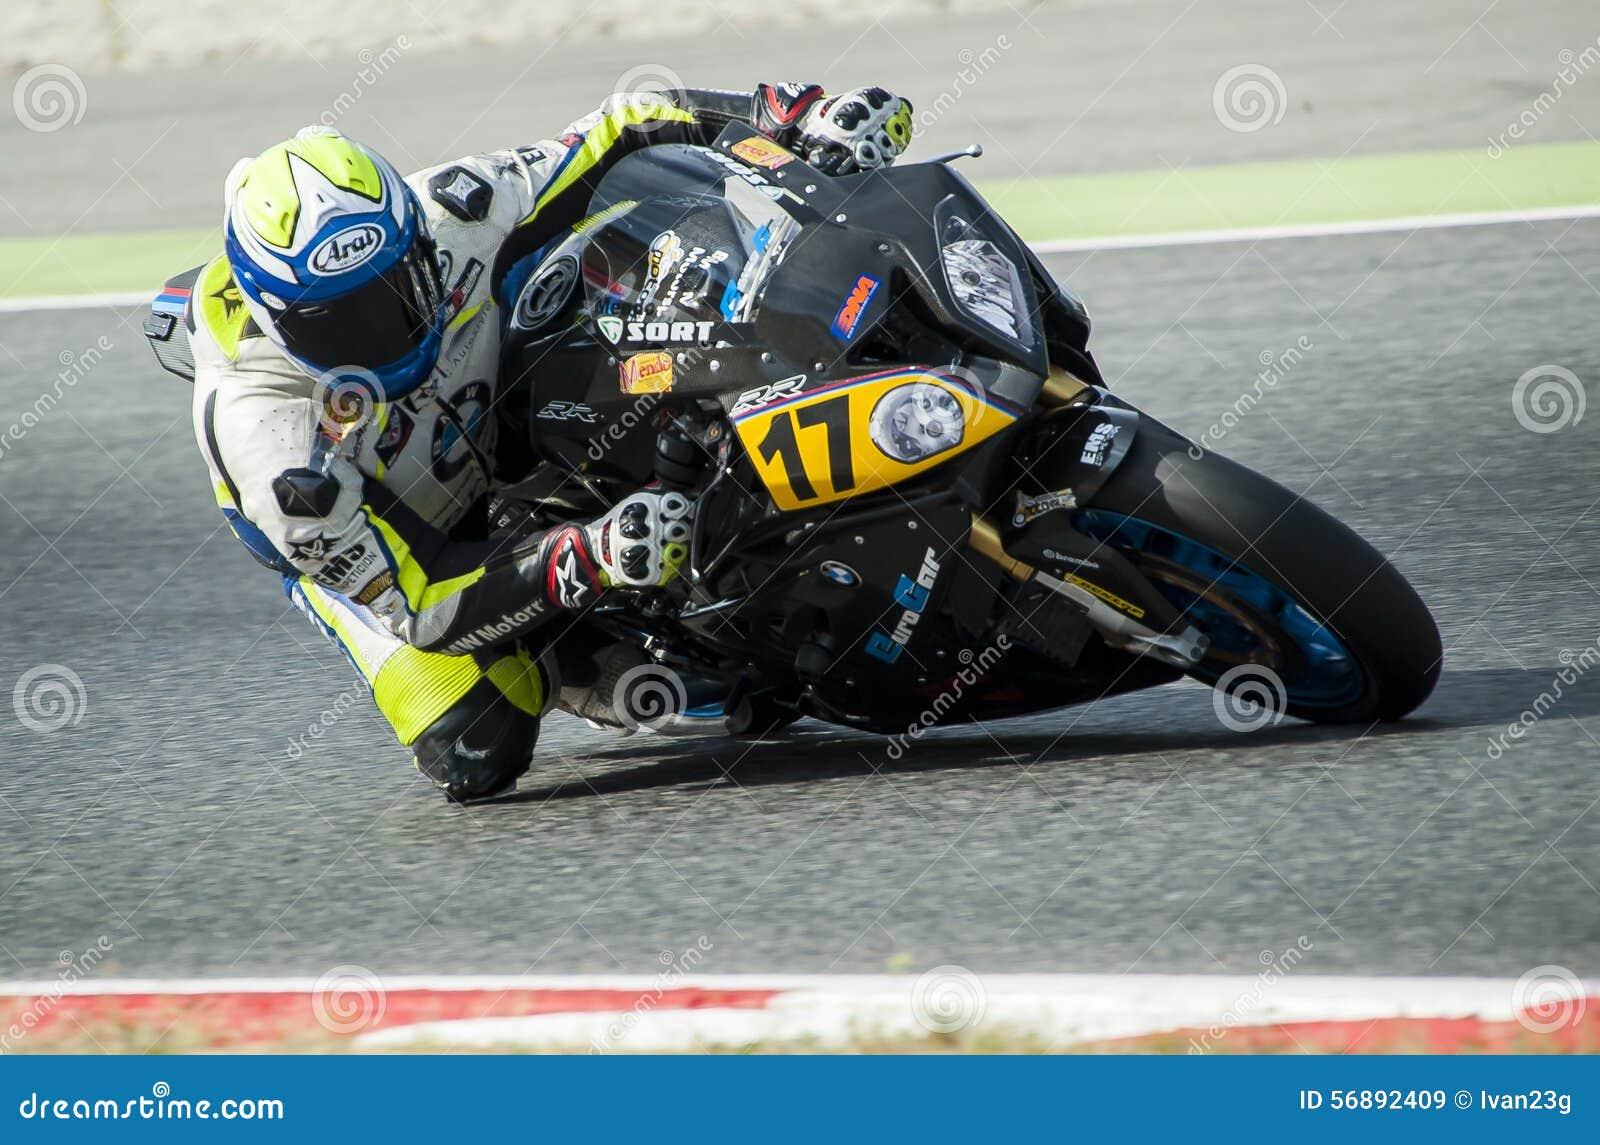 CAMPIONATO CATALANO di MOTOCICLISMO - Raul Mendo